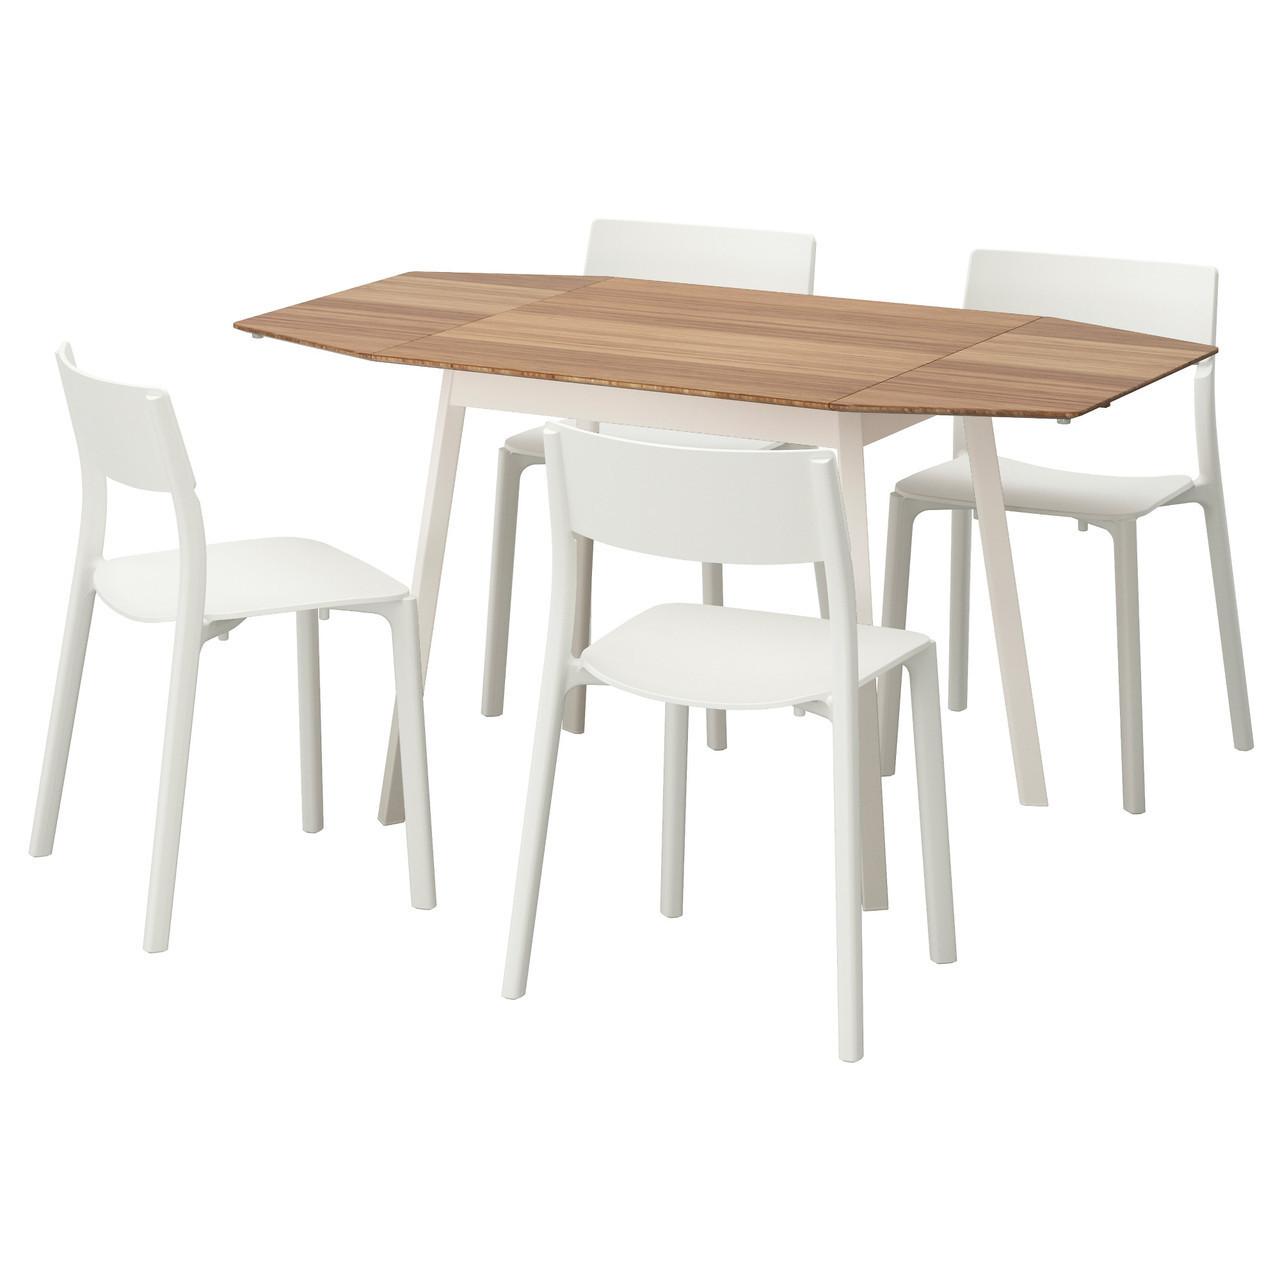 IKEA PS 2012 / JANINGE Стол и 4 стула, бамбук, белый 691.614.82